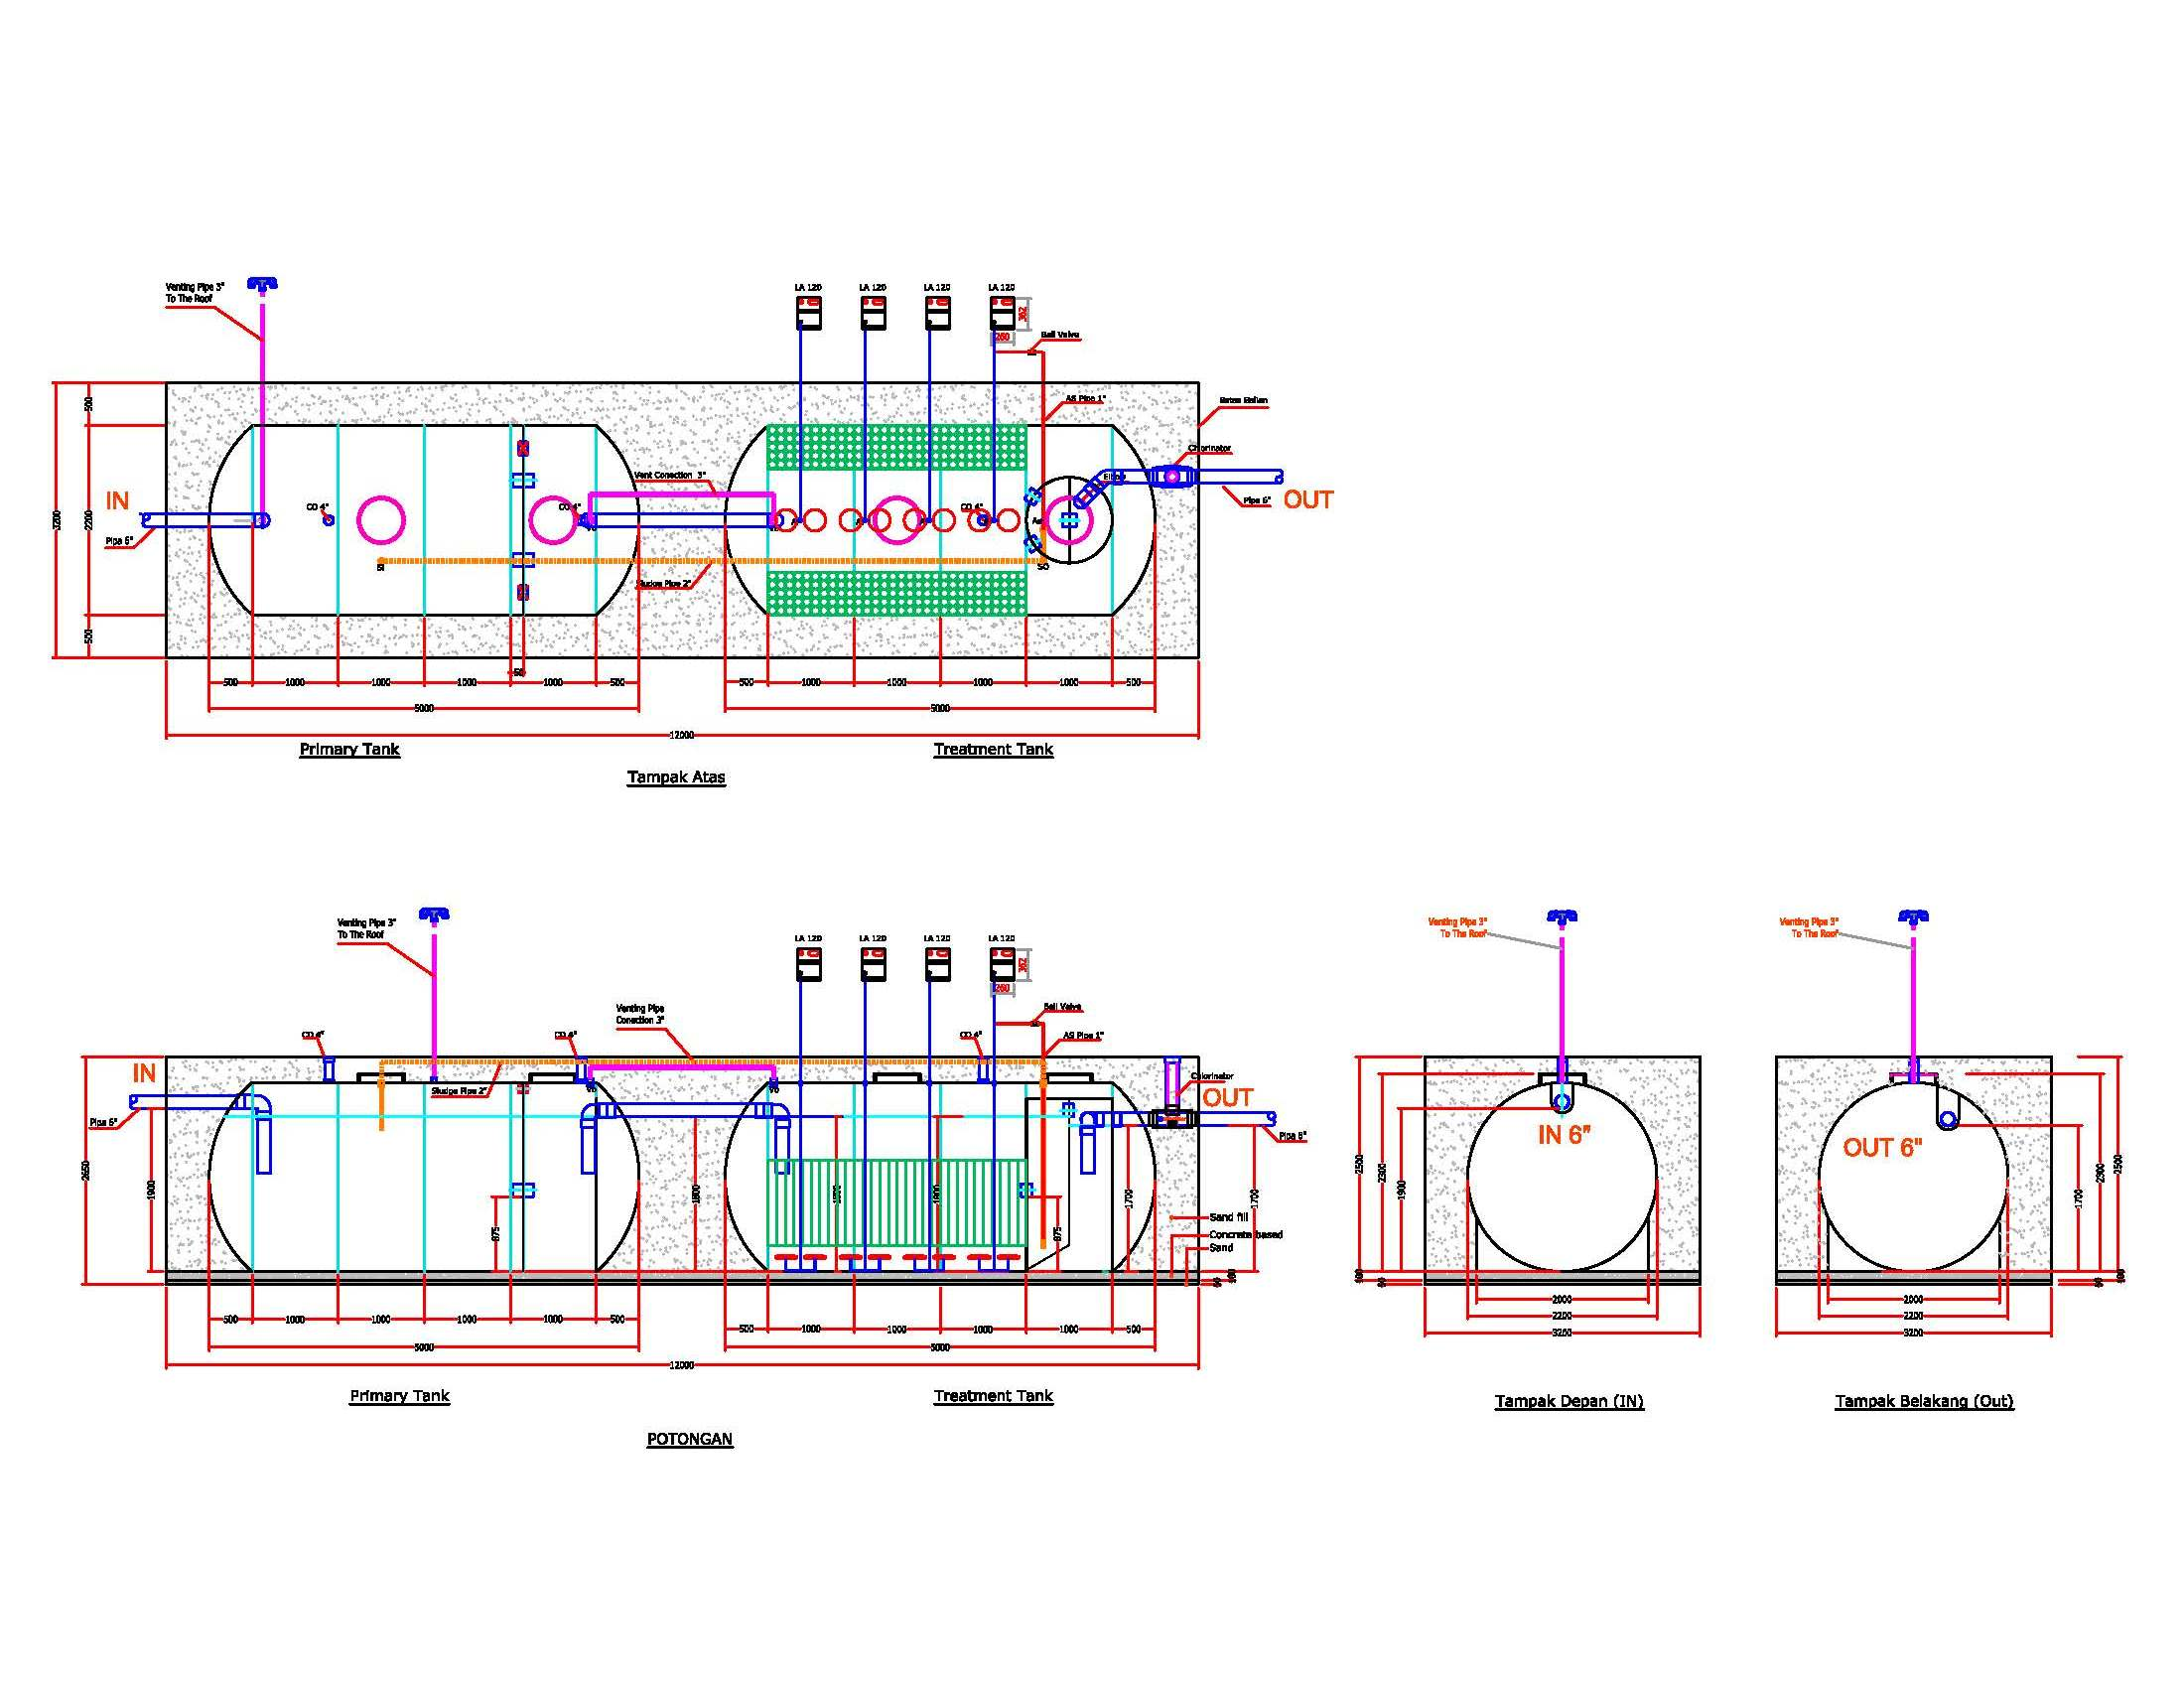 Gambar BSTP- 60